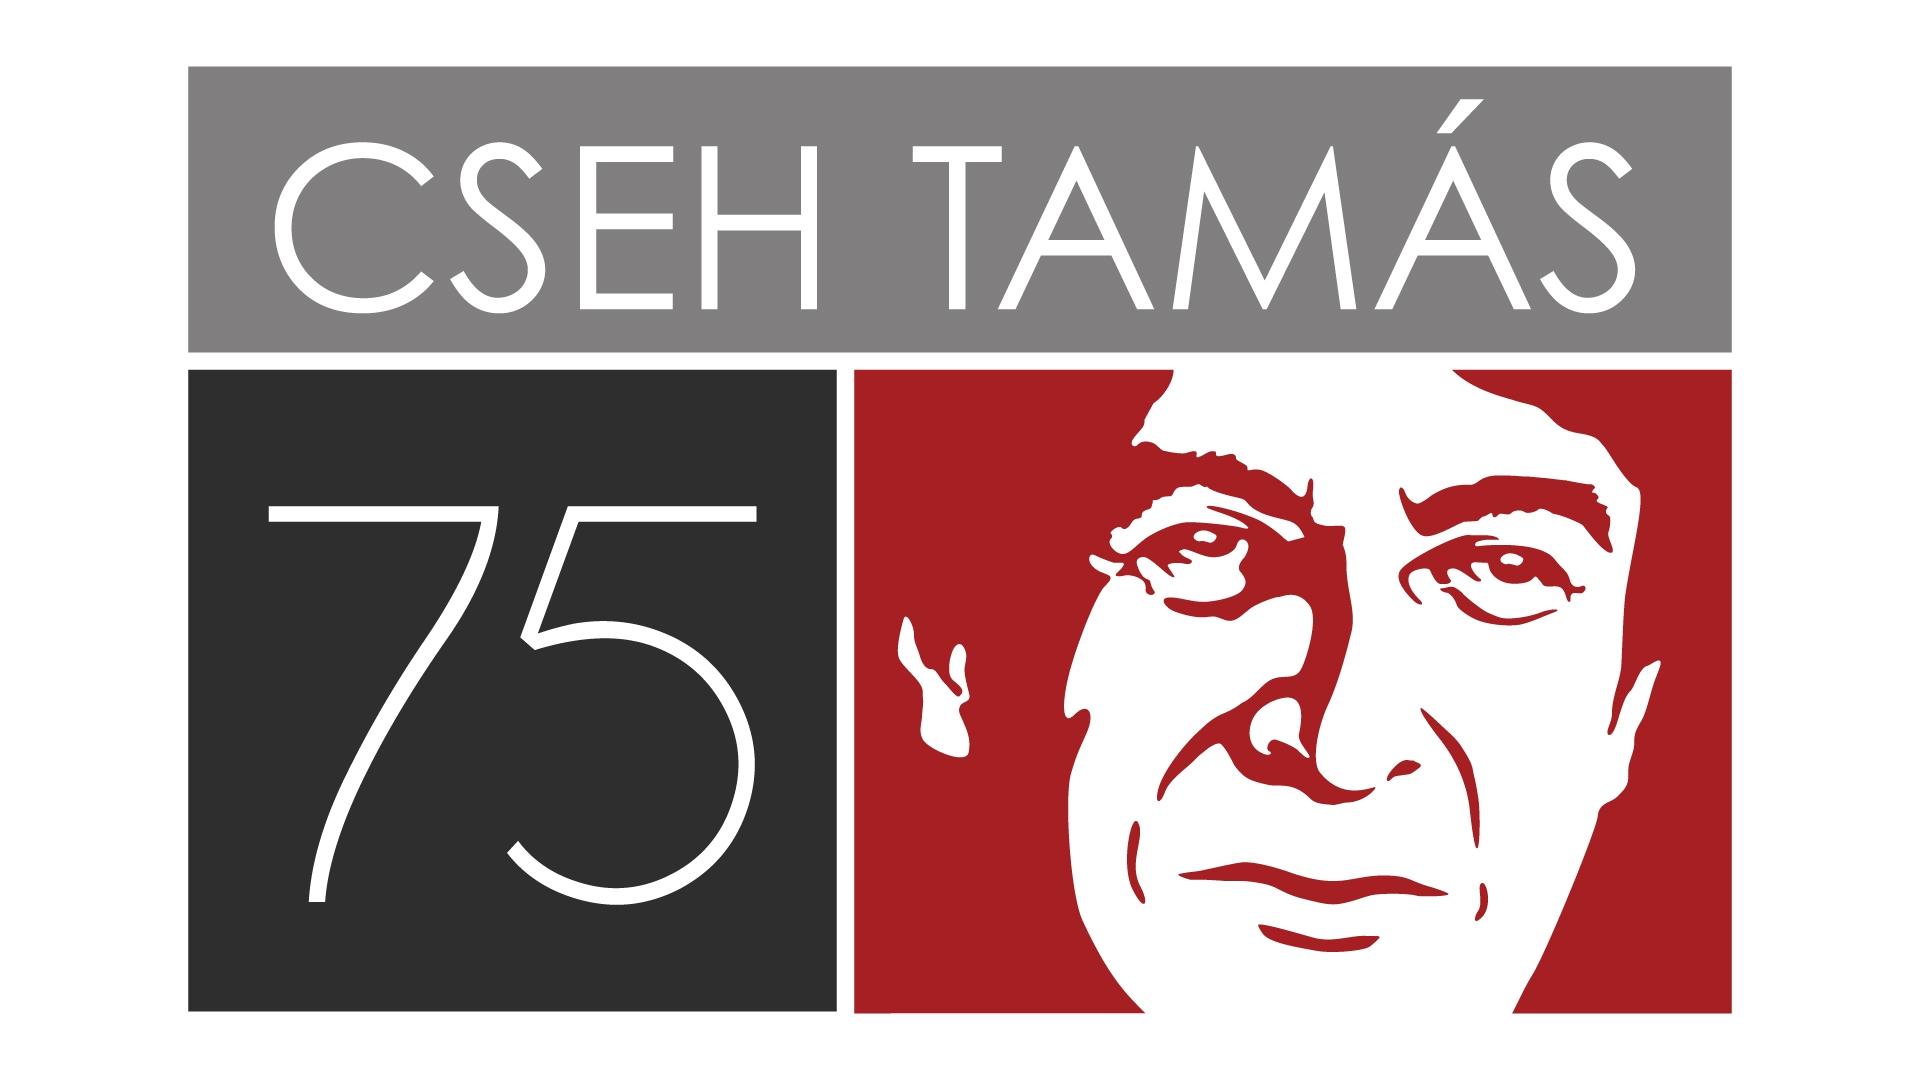 """Képtalálat a következőre: """"CSEH TAMÁS 75. - Születésnapi emlékkoncert"""""""